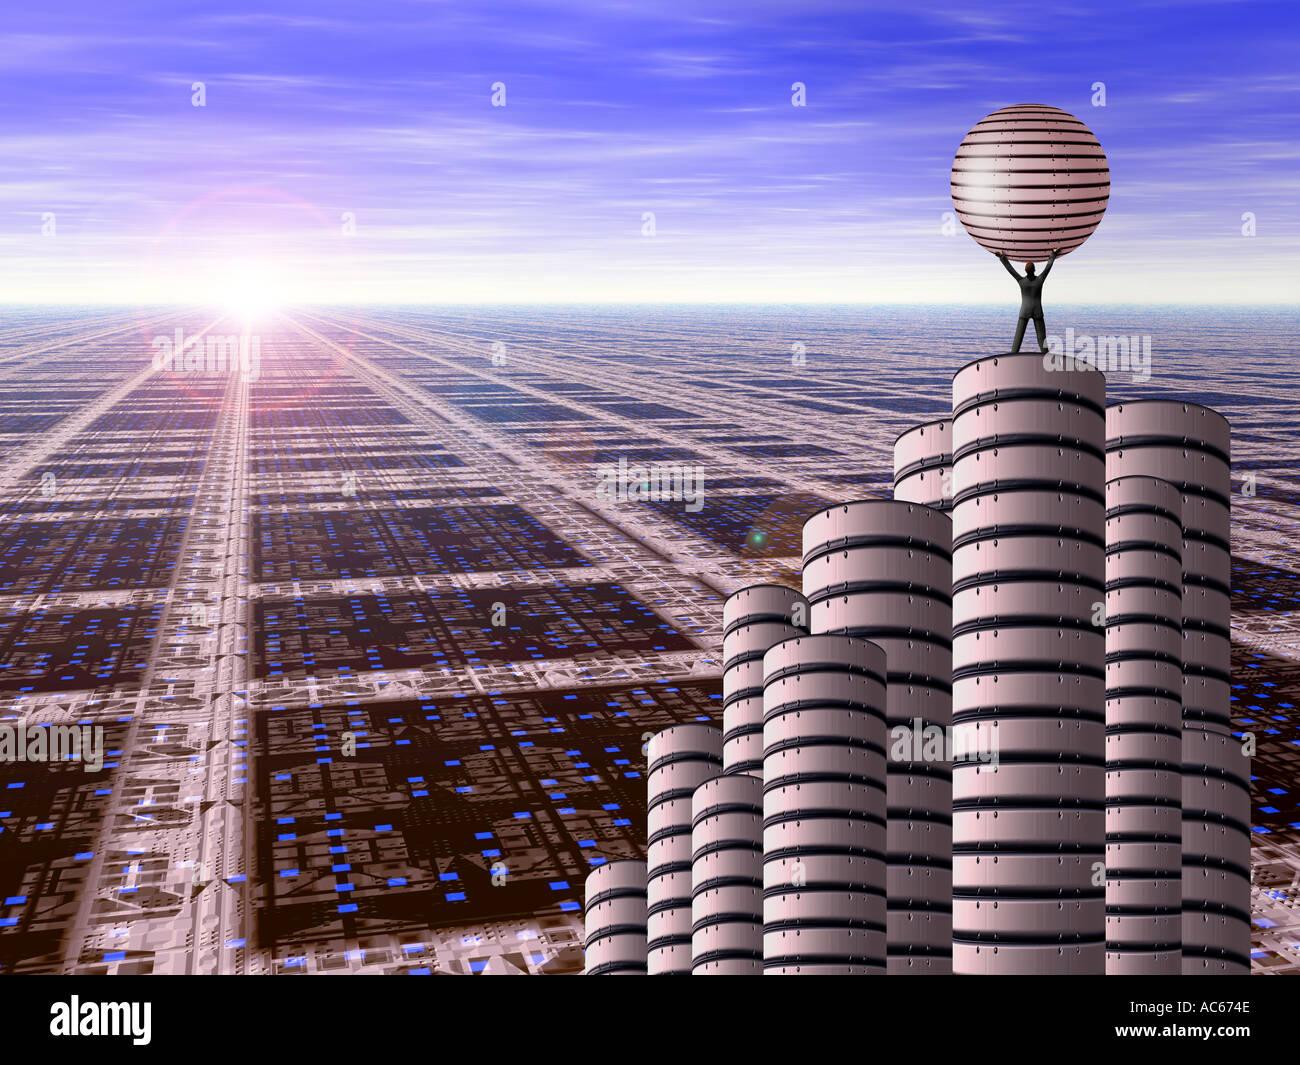 Future scape 3 - Stock Image